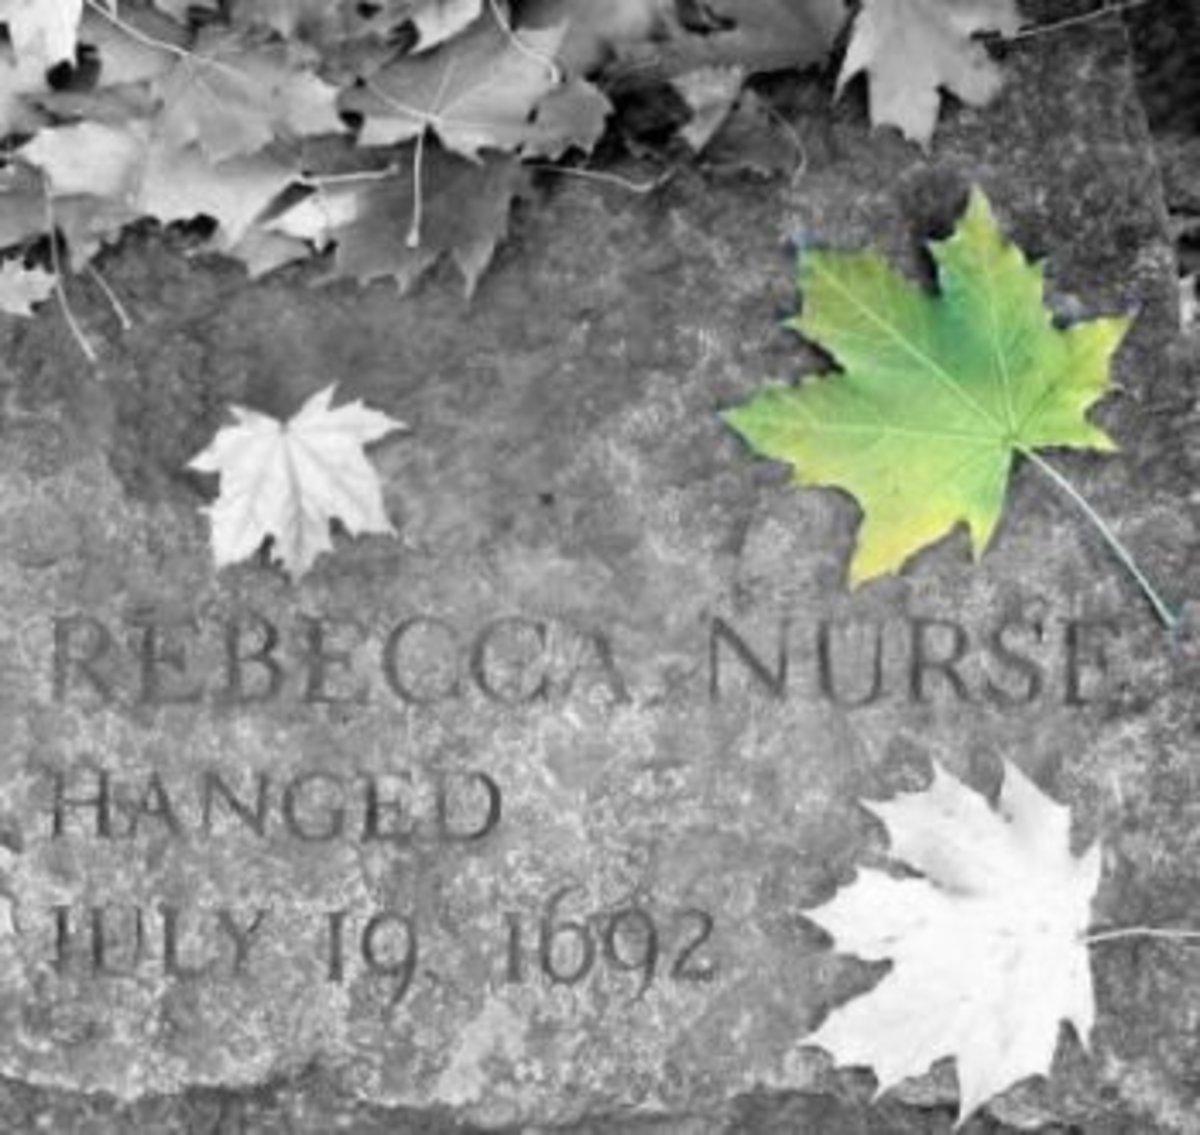 Rebecca Nurse Memorial Stone